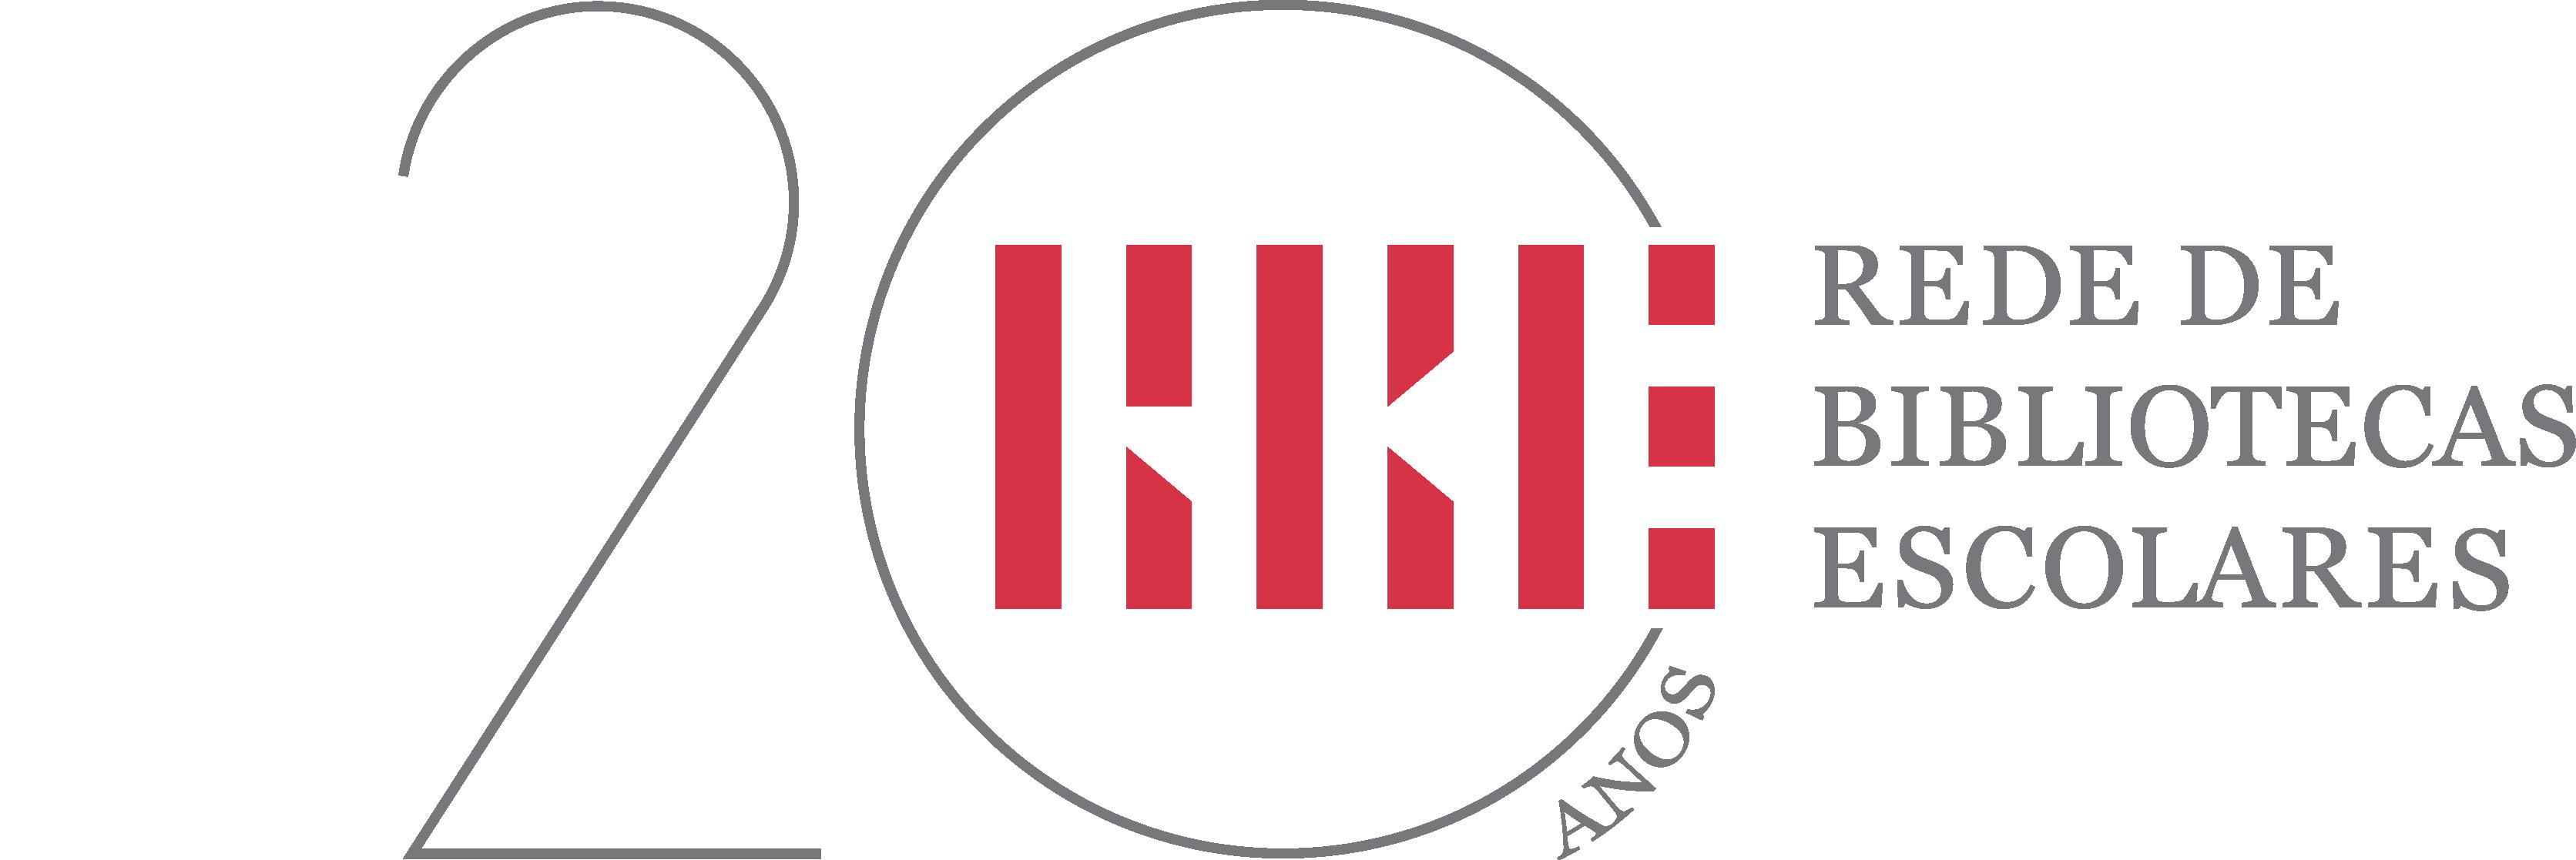 20anos_RBE_logo (2)